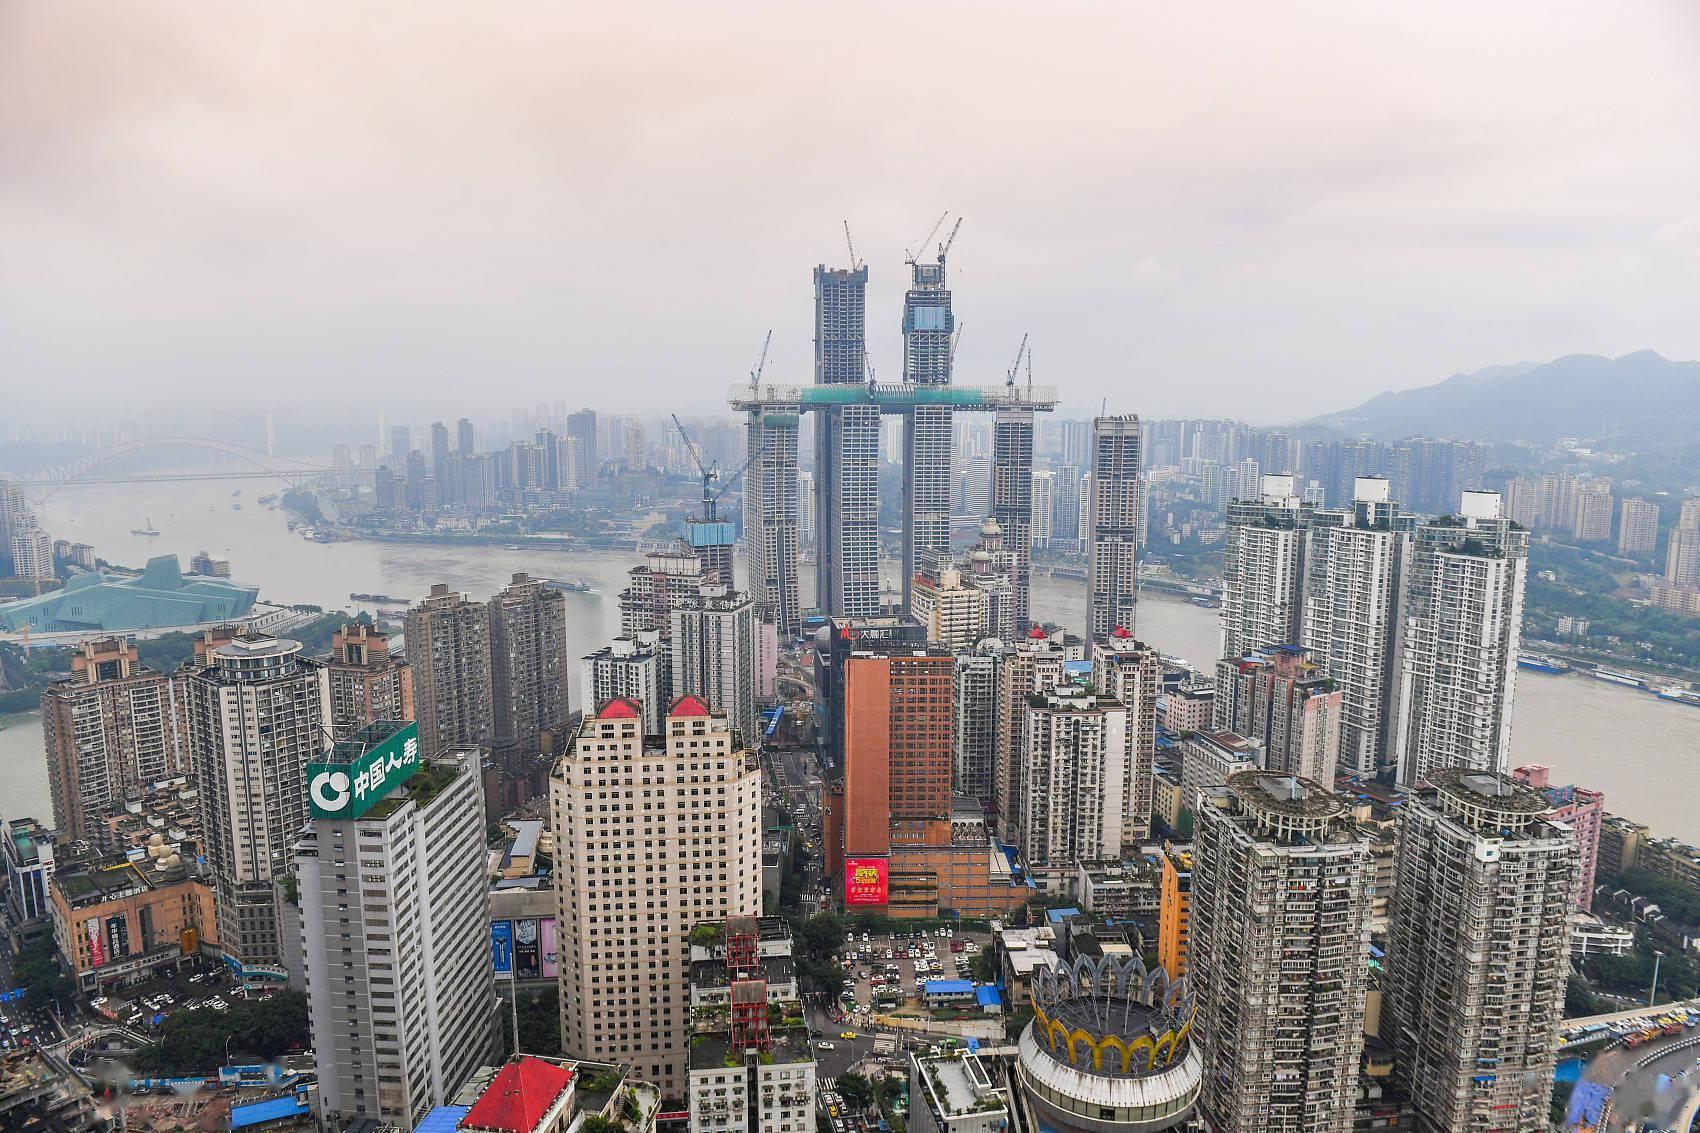 """重庆楼市被""""引爆"""":开发商捂盘惜售 有投资客买下整层楼"""